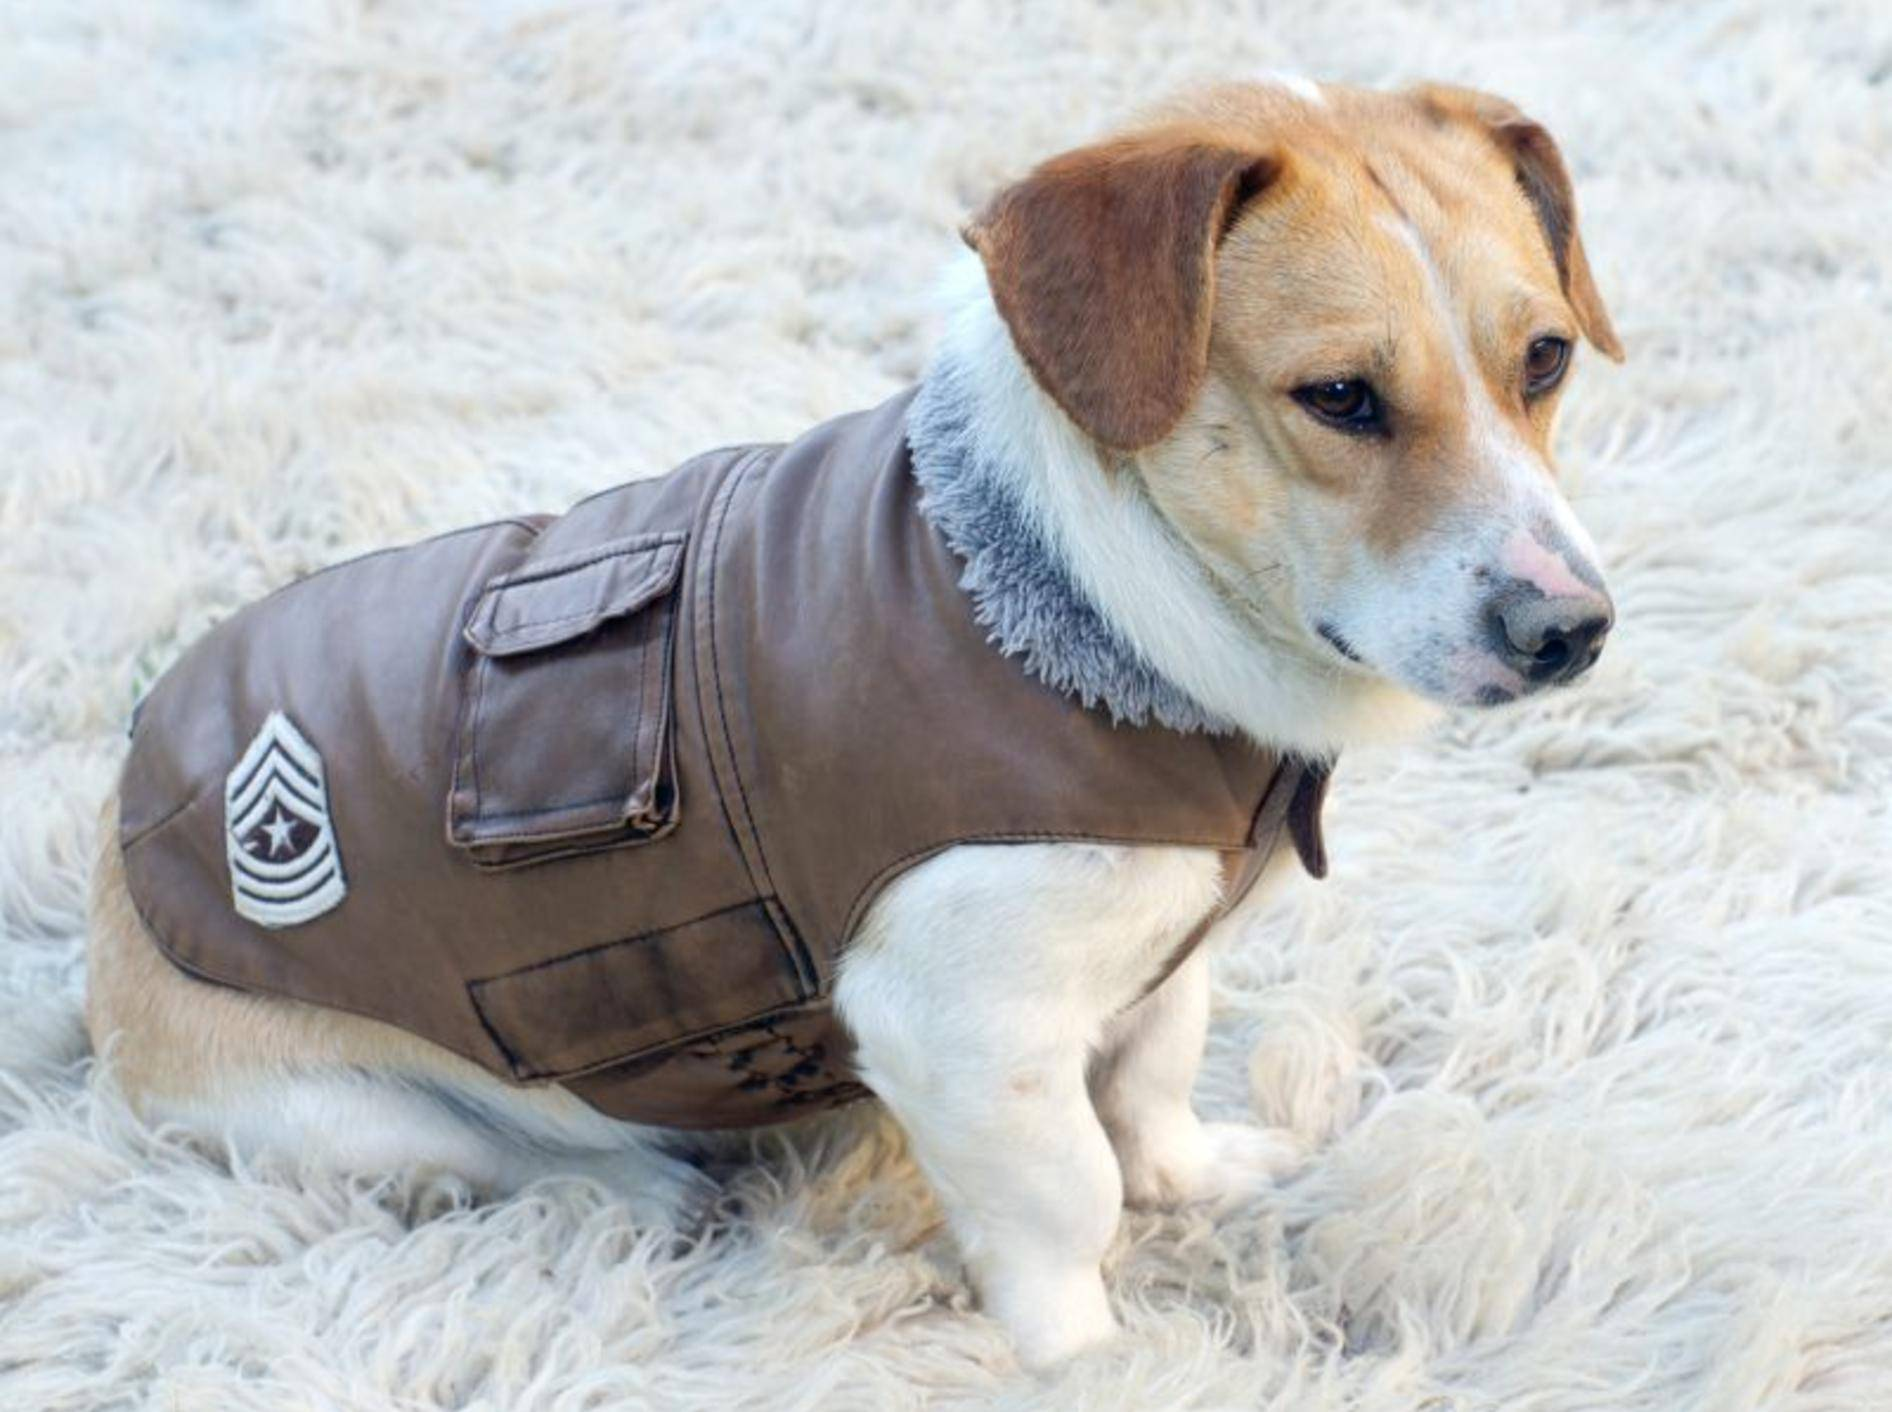 Für kalte Tage: Wintermantel für Hunde – Bild: Shutterstock / Budimir Jevtic